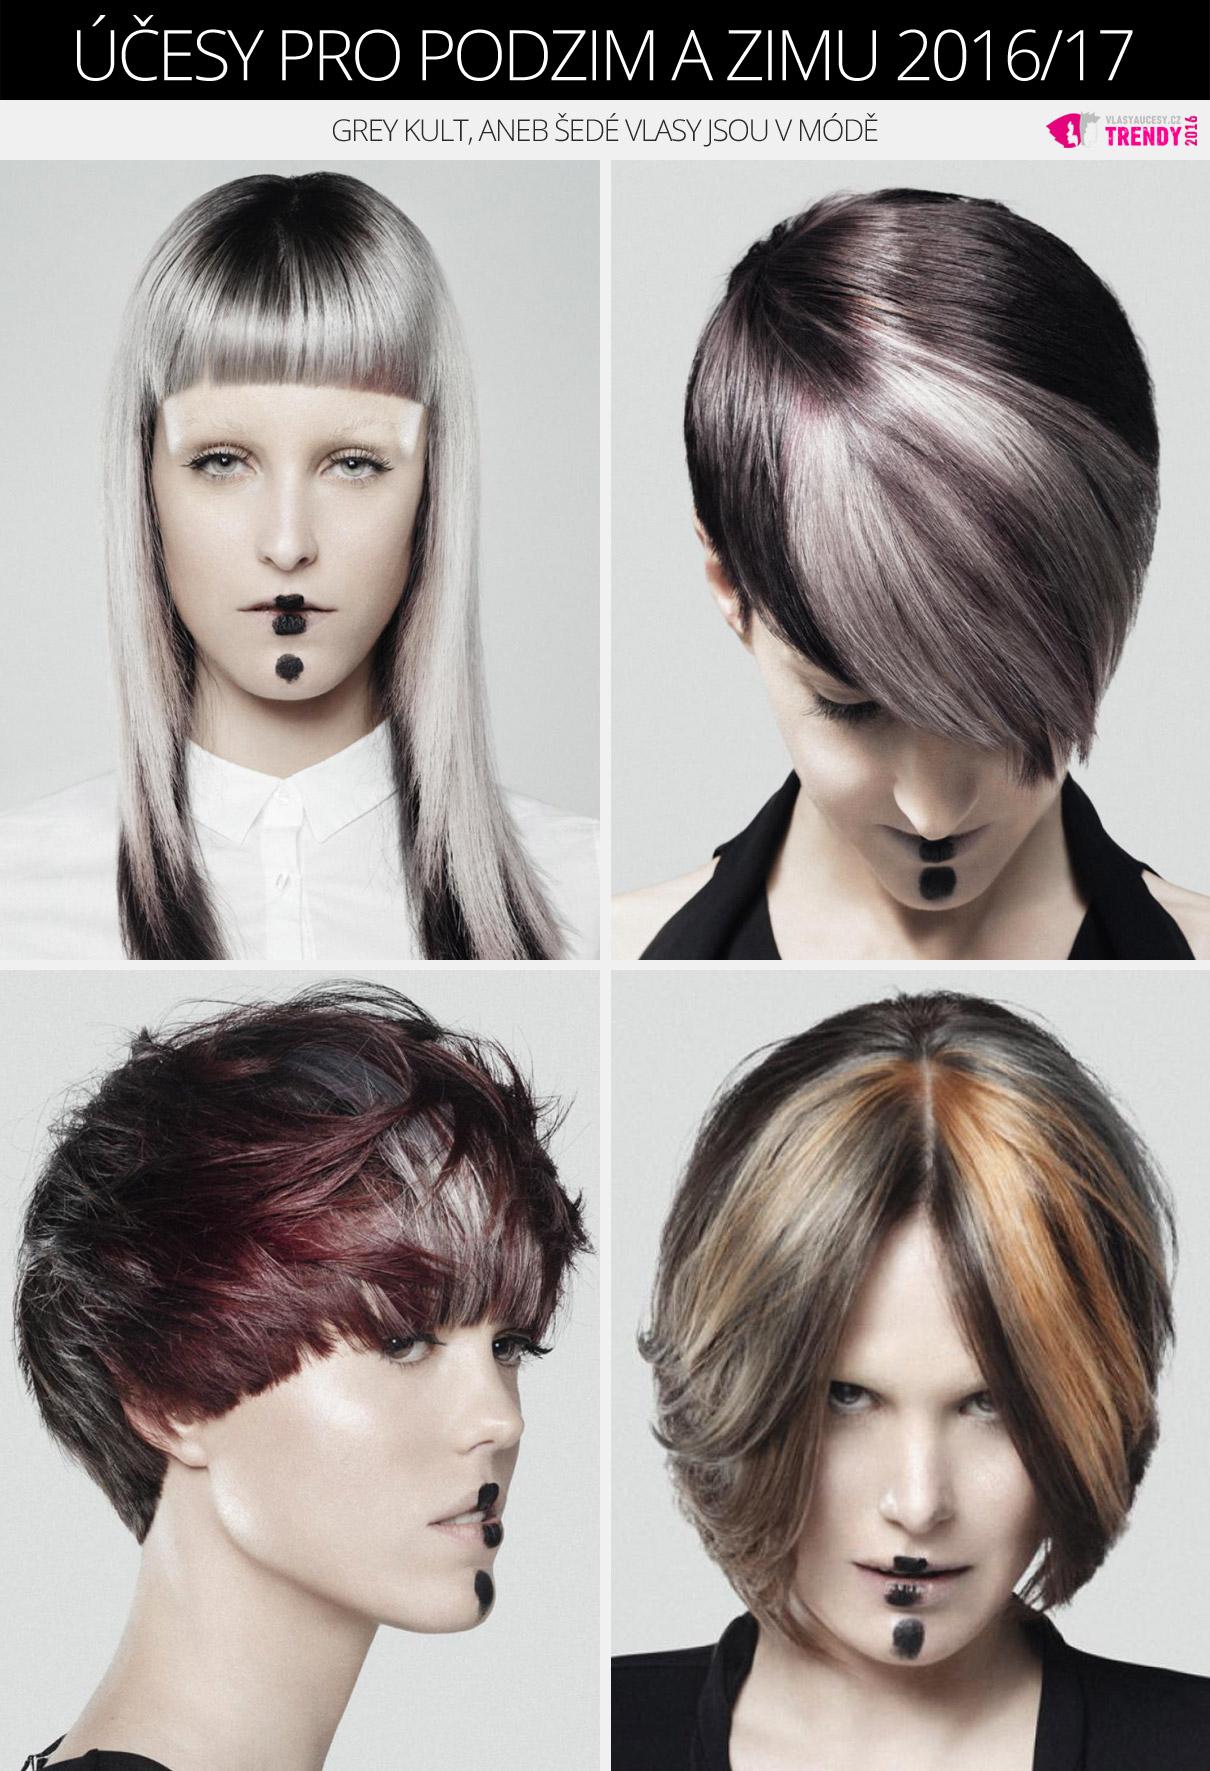 Šedé vlasy budou fascinovat i jako účesy pro podzimu a zimy 2016/2017. A variací mají skutečně mnoho!